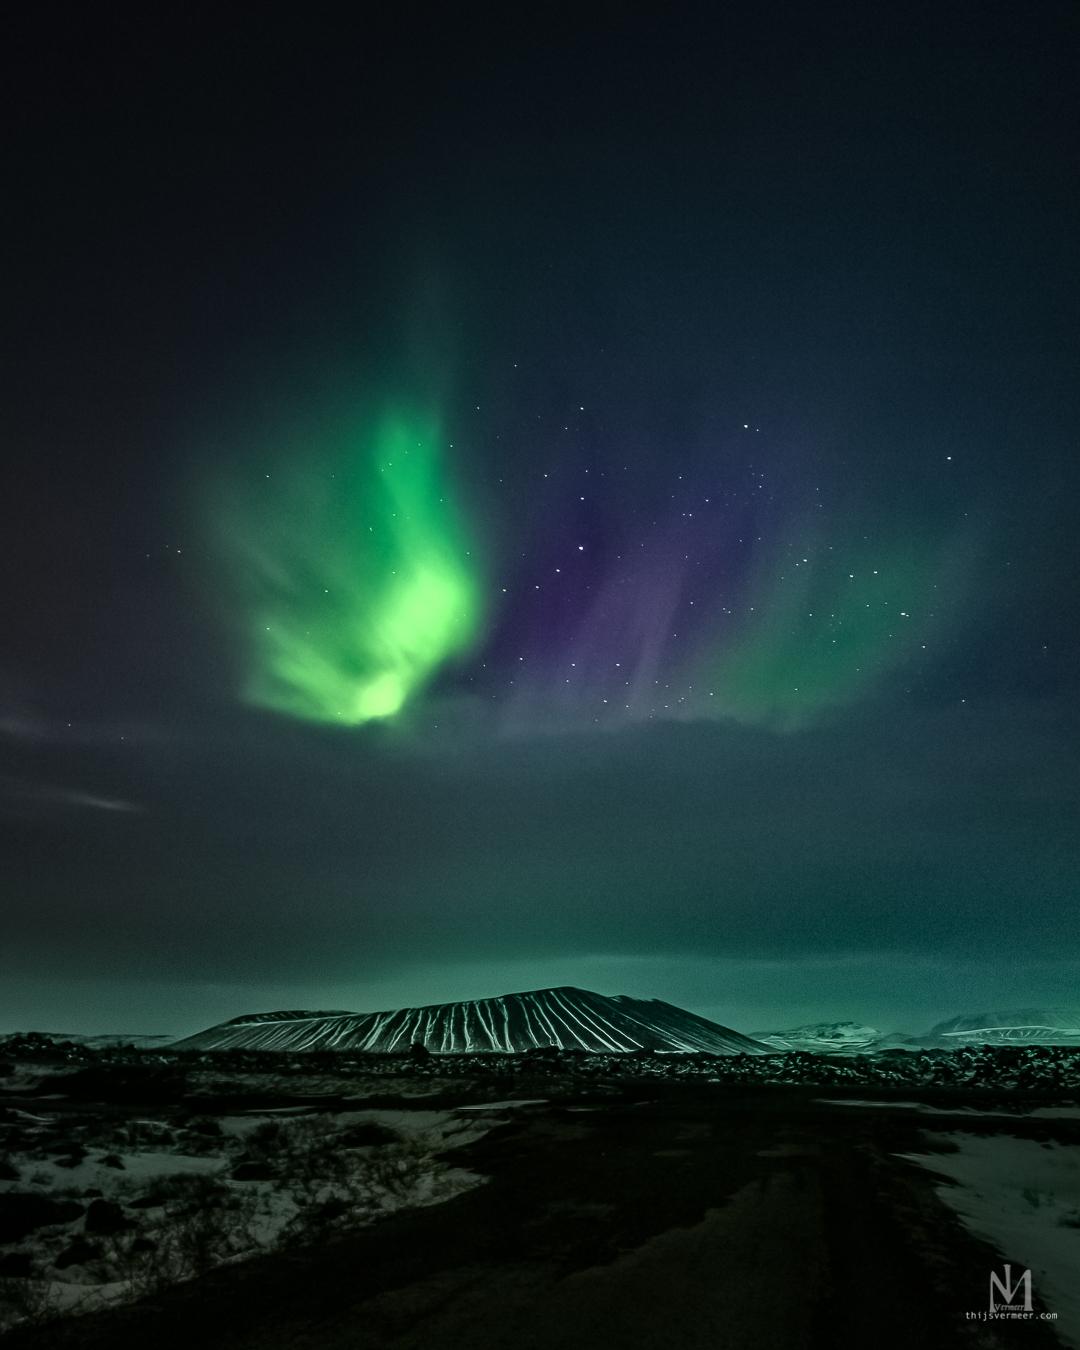 Noorderlicht boven Hverfjall vulkaan IJsland - Middernacht in een ijzige poolwind in noord IJsland maakte ik deze foto. Het was bewolkt maar ik zag door de wolken heen dat het noorderlicht erg act - foto door Thijsvermeer op 16-04-2021 - locatie: Dimmuborgir, IJsland - deze foto bevat: noorderlicht, nachtfotografie, astro, nacht, sterren, aurorborealis, vulkaan, ijsland, longexposure, lucht, atmosfeer, ecoregio, natuurlijke omgeving, natuurlijk landschap, aurora, atmosferisch fenomeen, horizon, landschap, astronomisch object